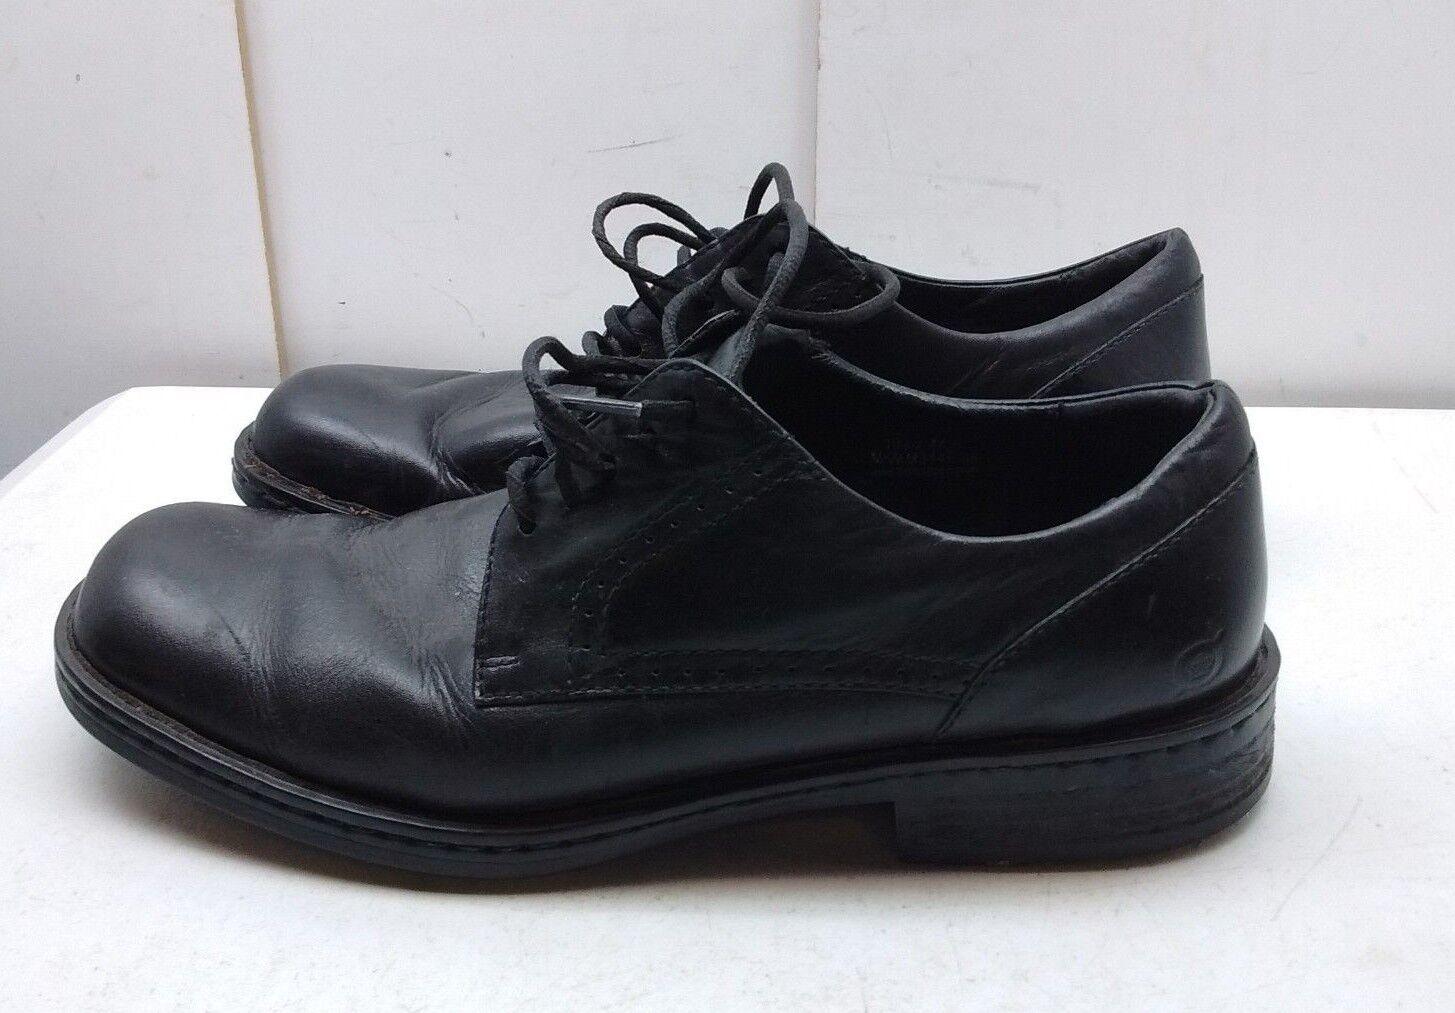 Born Black Leather Oxfords Plain Toe Lace Up Dress Formal Men shoes 10.5M W 44.5